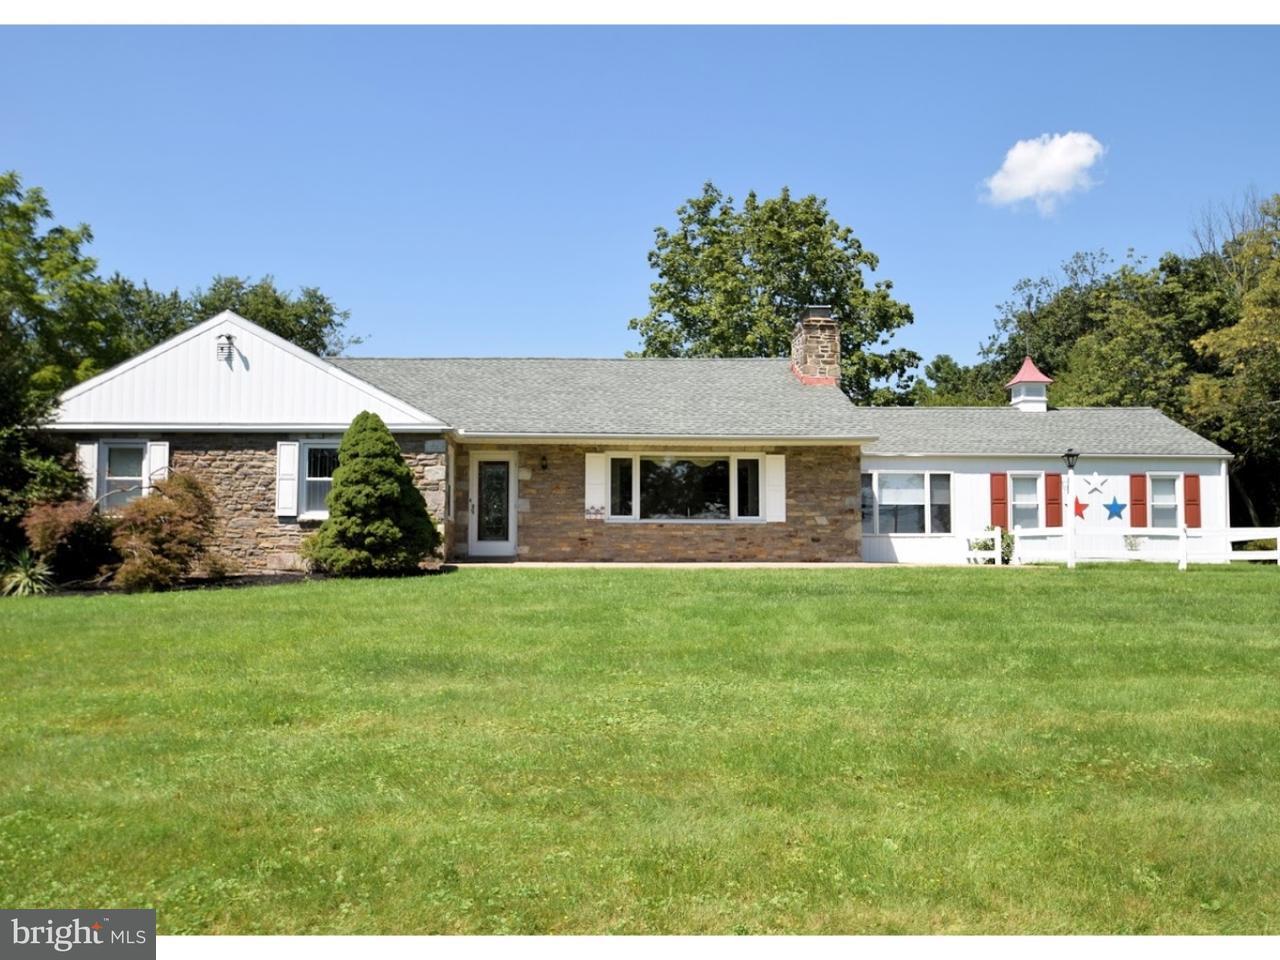 Casa Unifamiliar por un Venta en 123 FAIRHILL Road Hatfield, Pennsylvania 19440 Estados Unidos